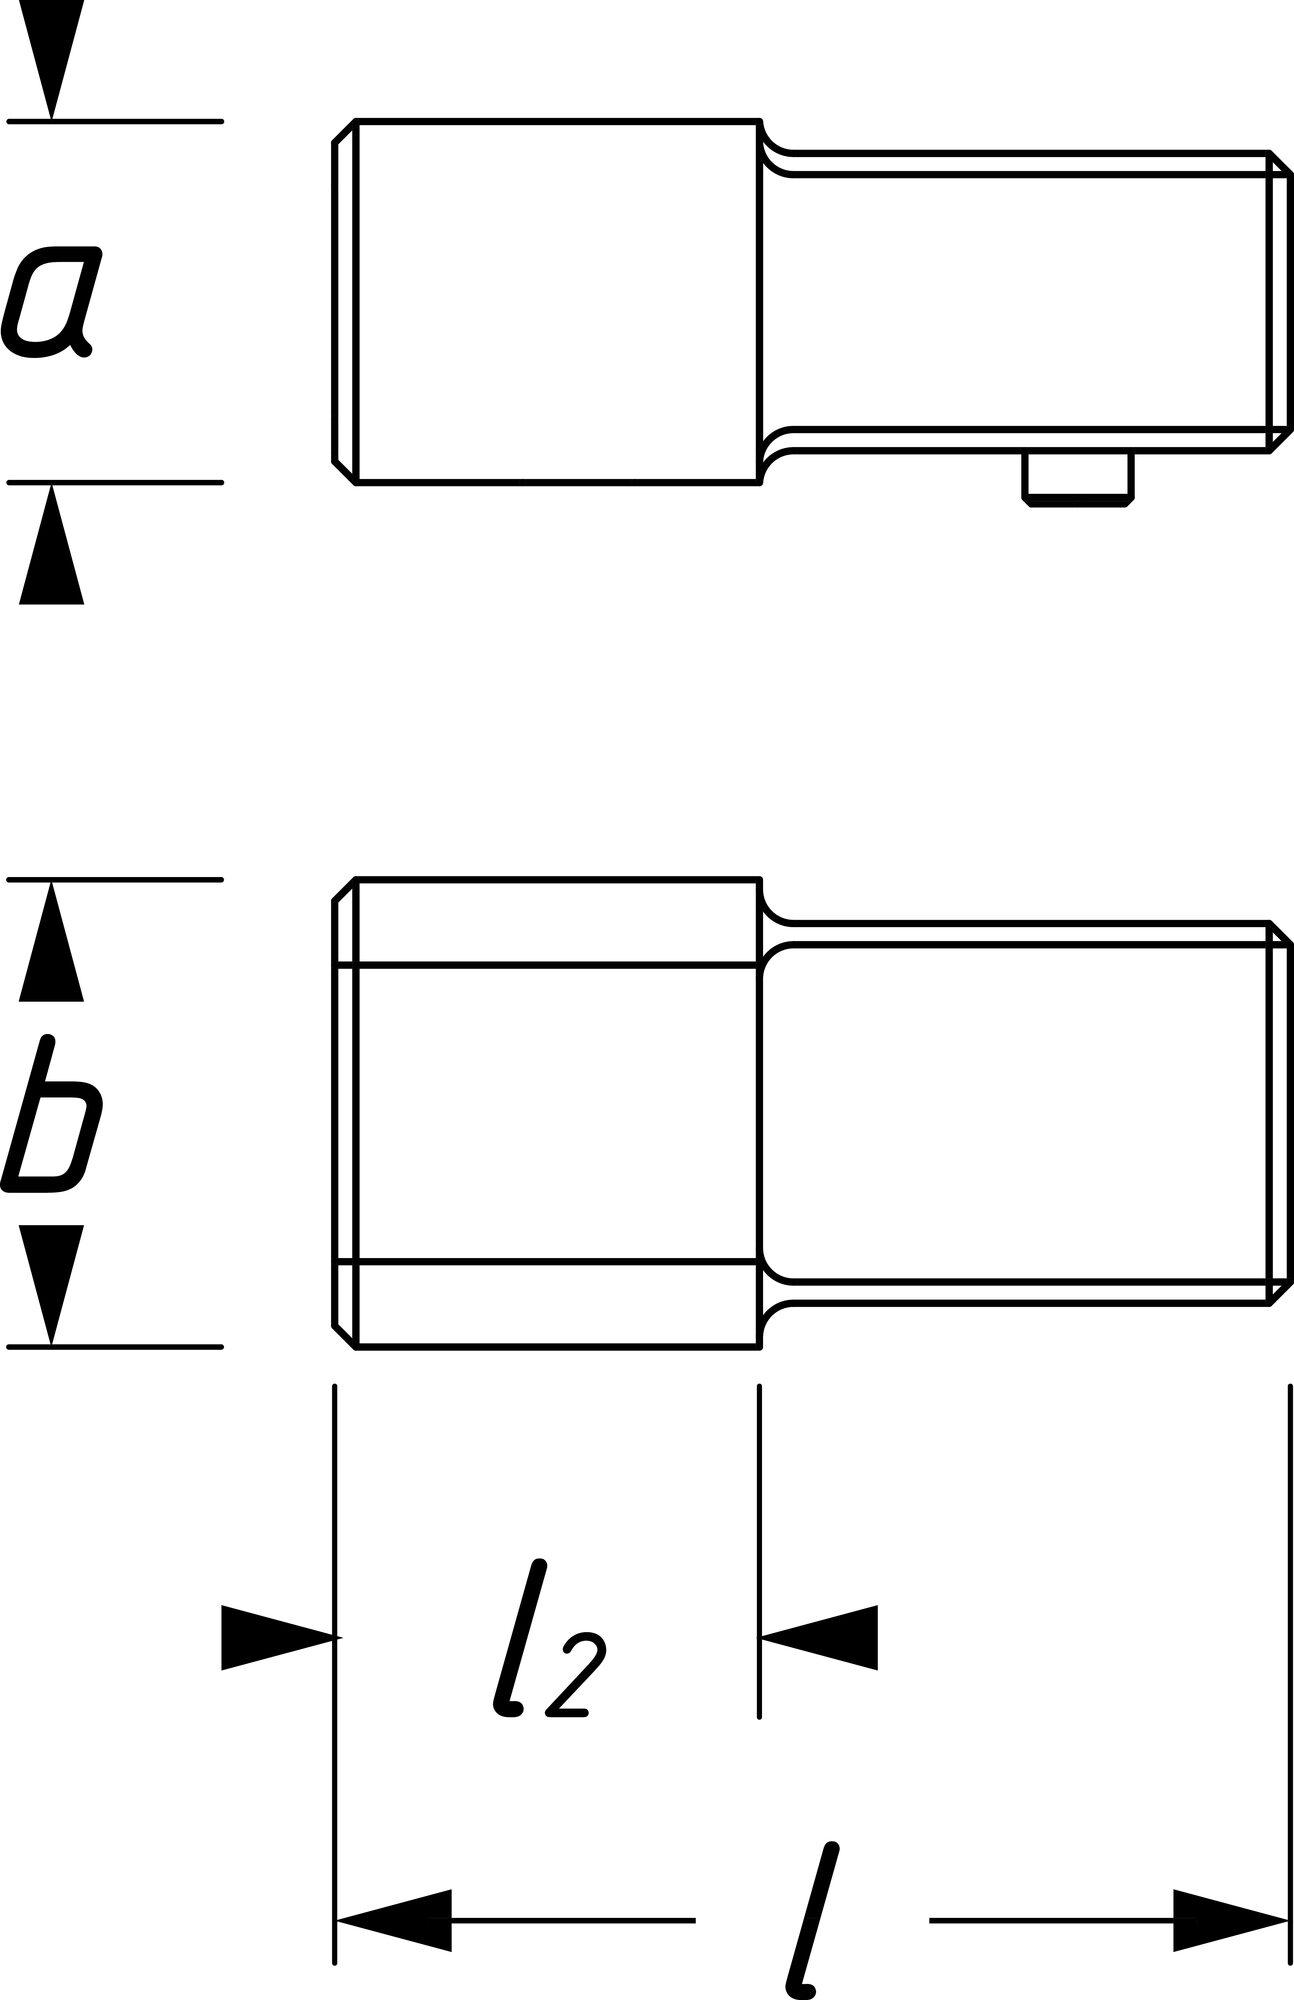 HAZET Einsteck-Adapter 6423C ∙ Einsteck-Vierkant 9 x 12 mm ∙ Einsteck-Vierkant 14 x 18 mm